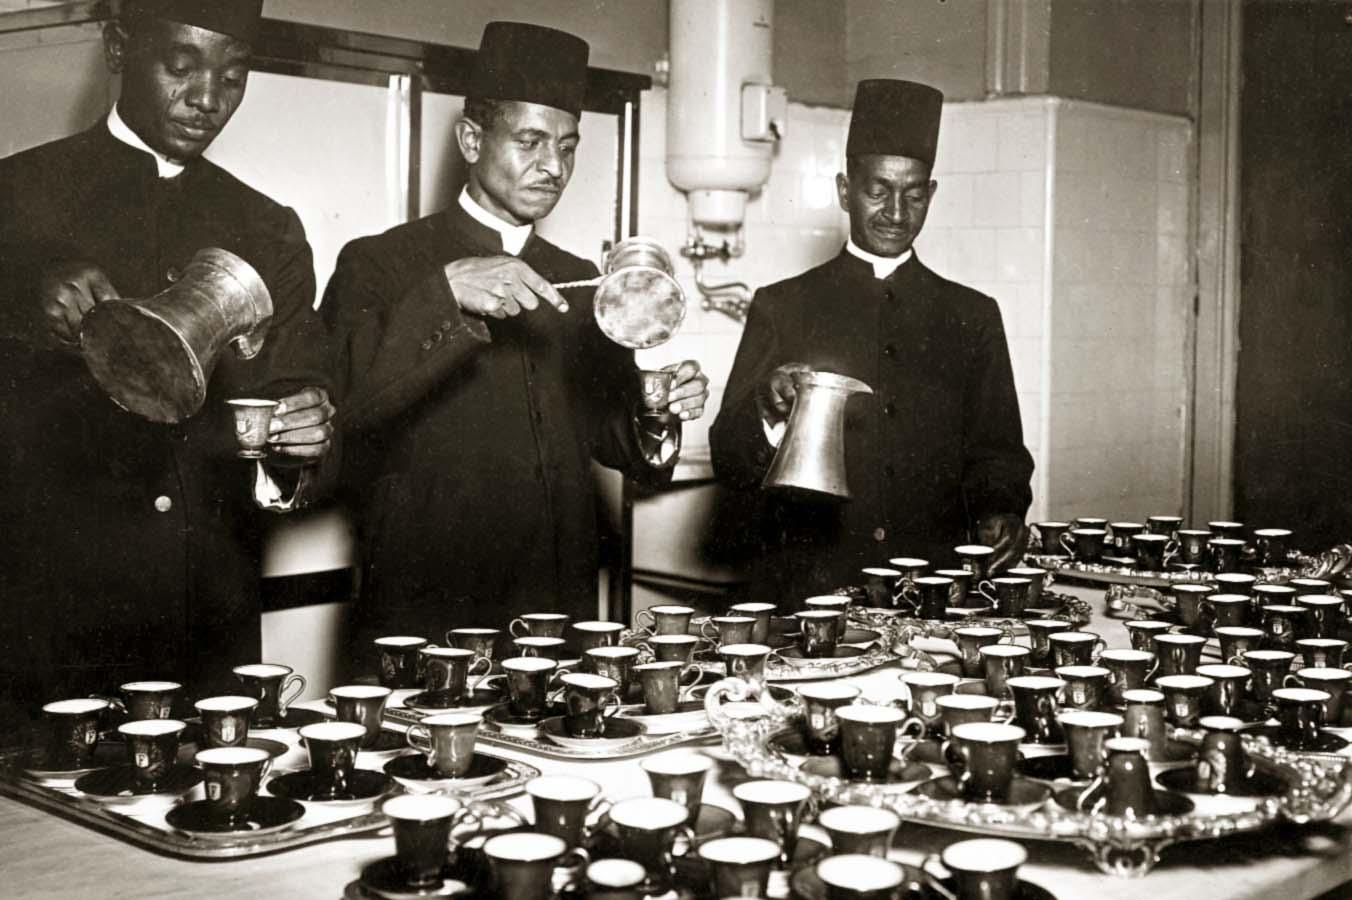 السفرجية يعدون القهوة لضيوف الملك فاروق على مأدبة الإفطار في رمضان. تصوير: رياض شحاتة / المصدر: مكتبة الاسكندرية